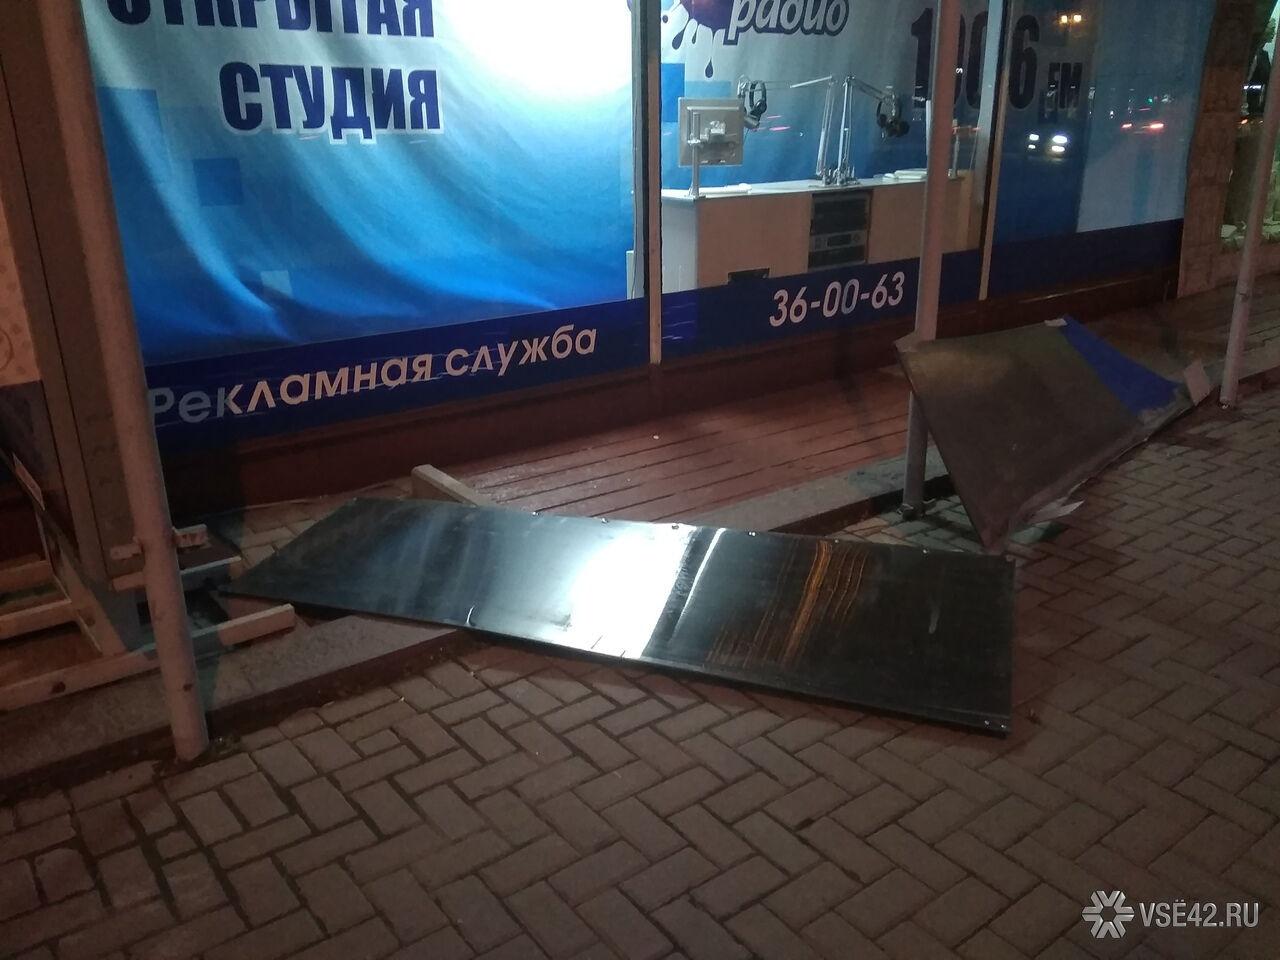 Последствия урагана в Кемерово, 28-29 октября 2018 г